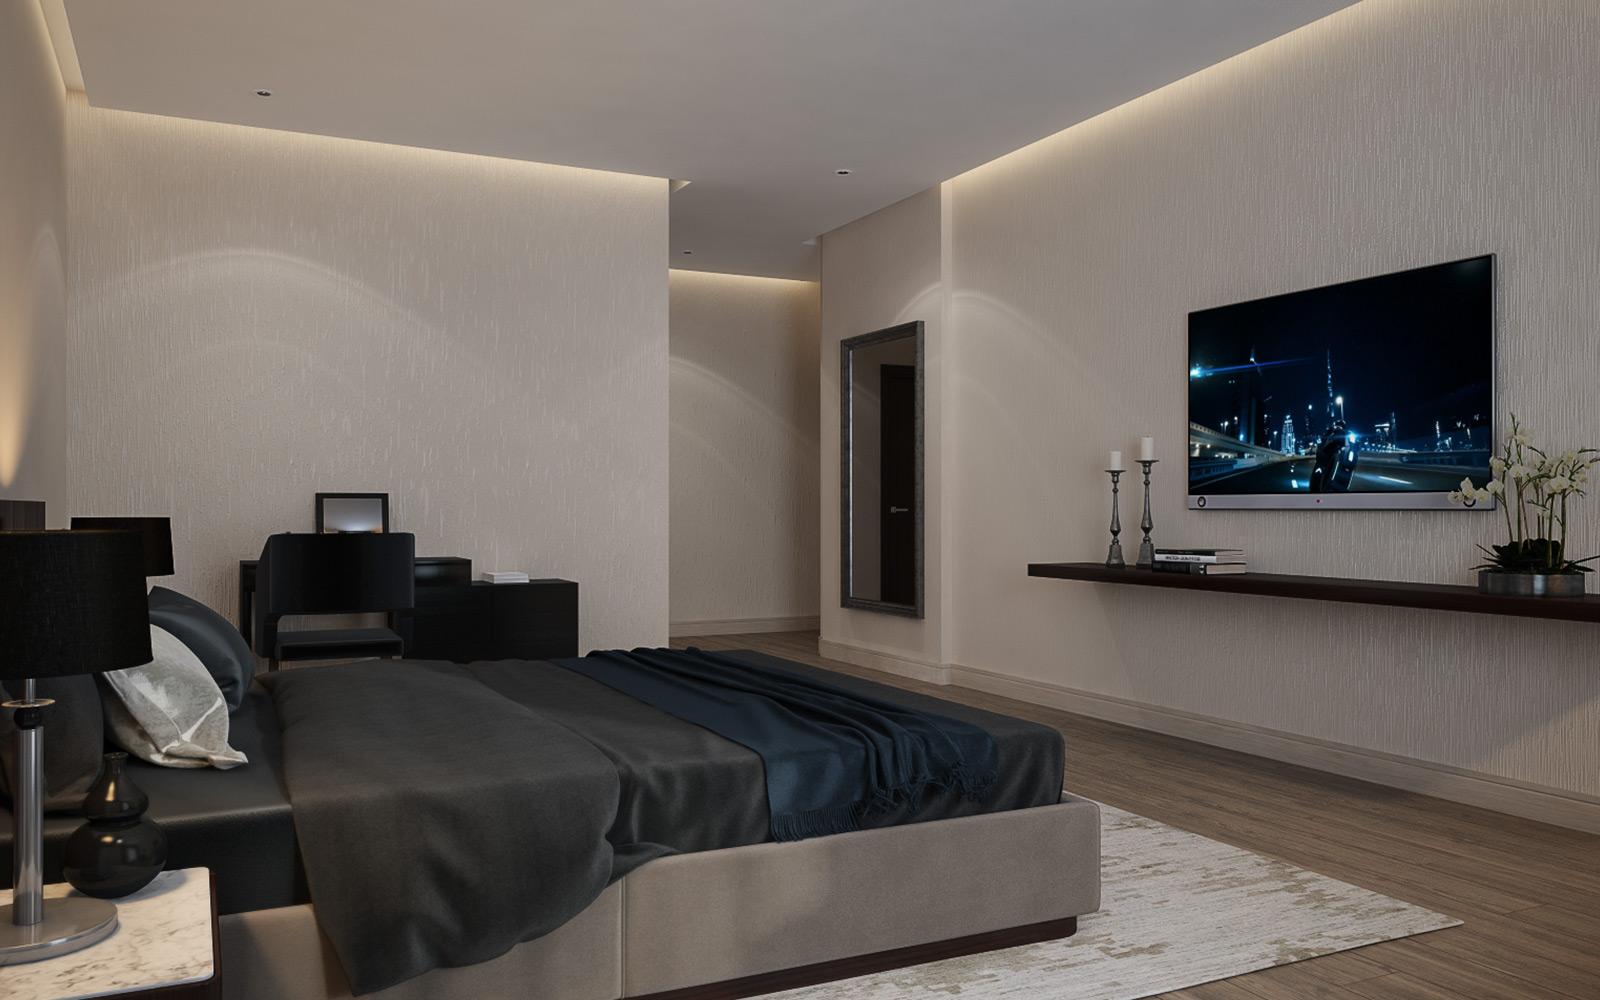 Vogue Design - Emirates Furnished Flats7